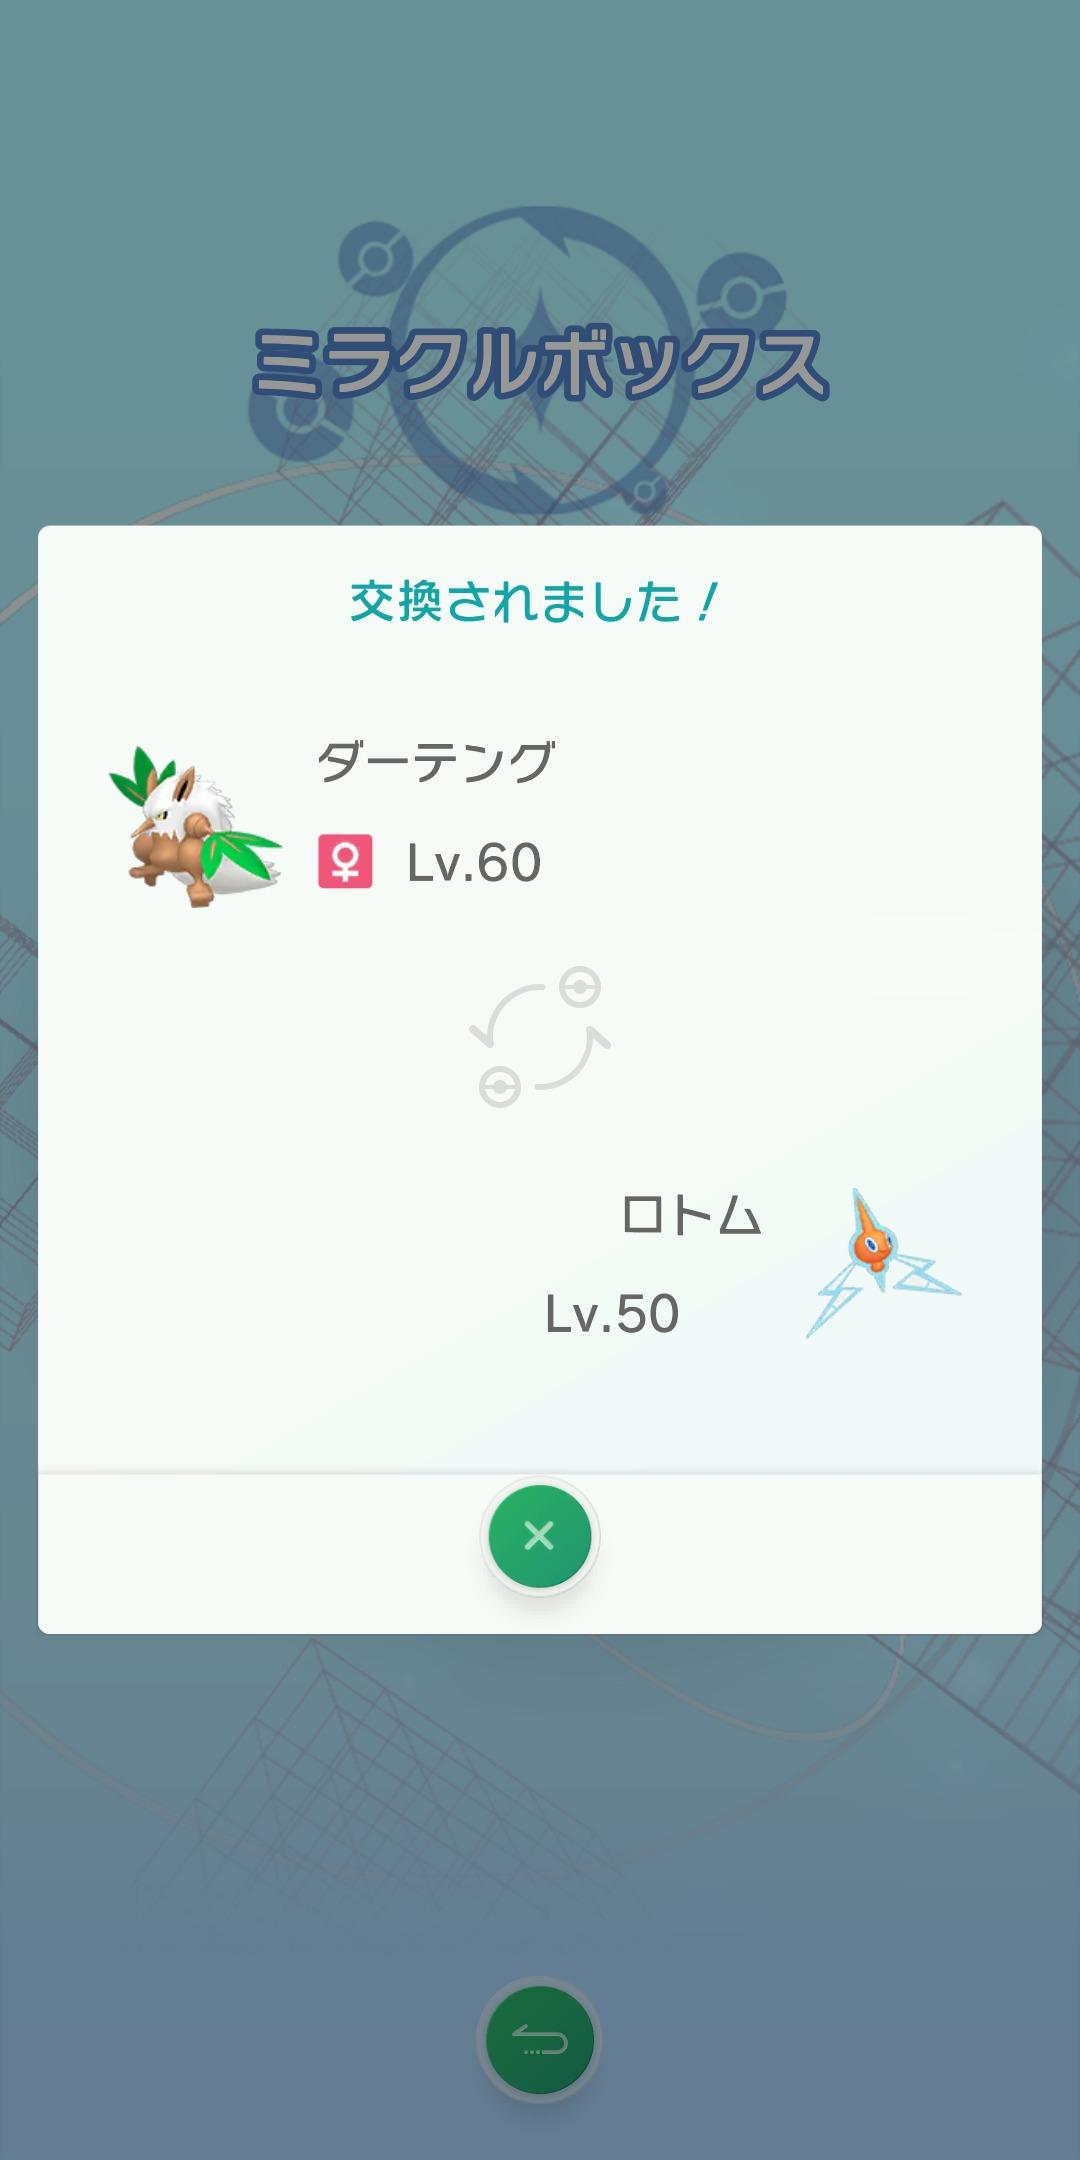 ミラクルボックス5 (C)2020 Pokémon. (C)1995-2020 Nintendo/Creatures Inc. /GAME FREAK inc.